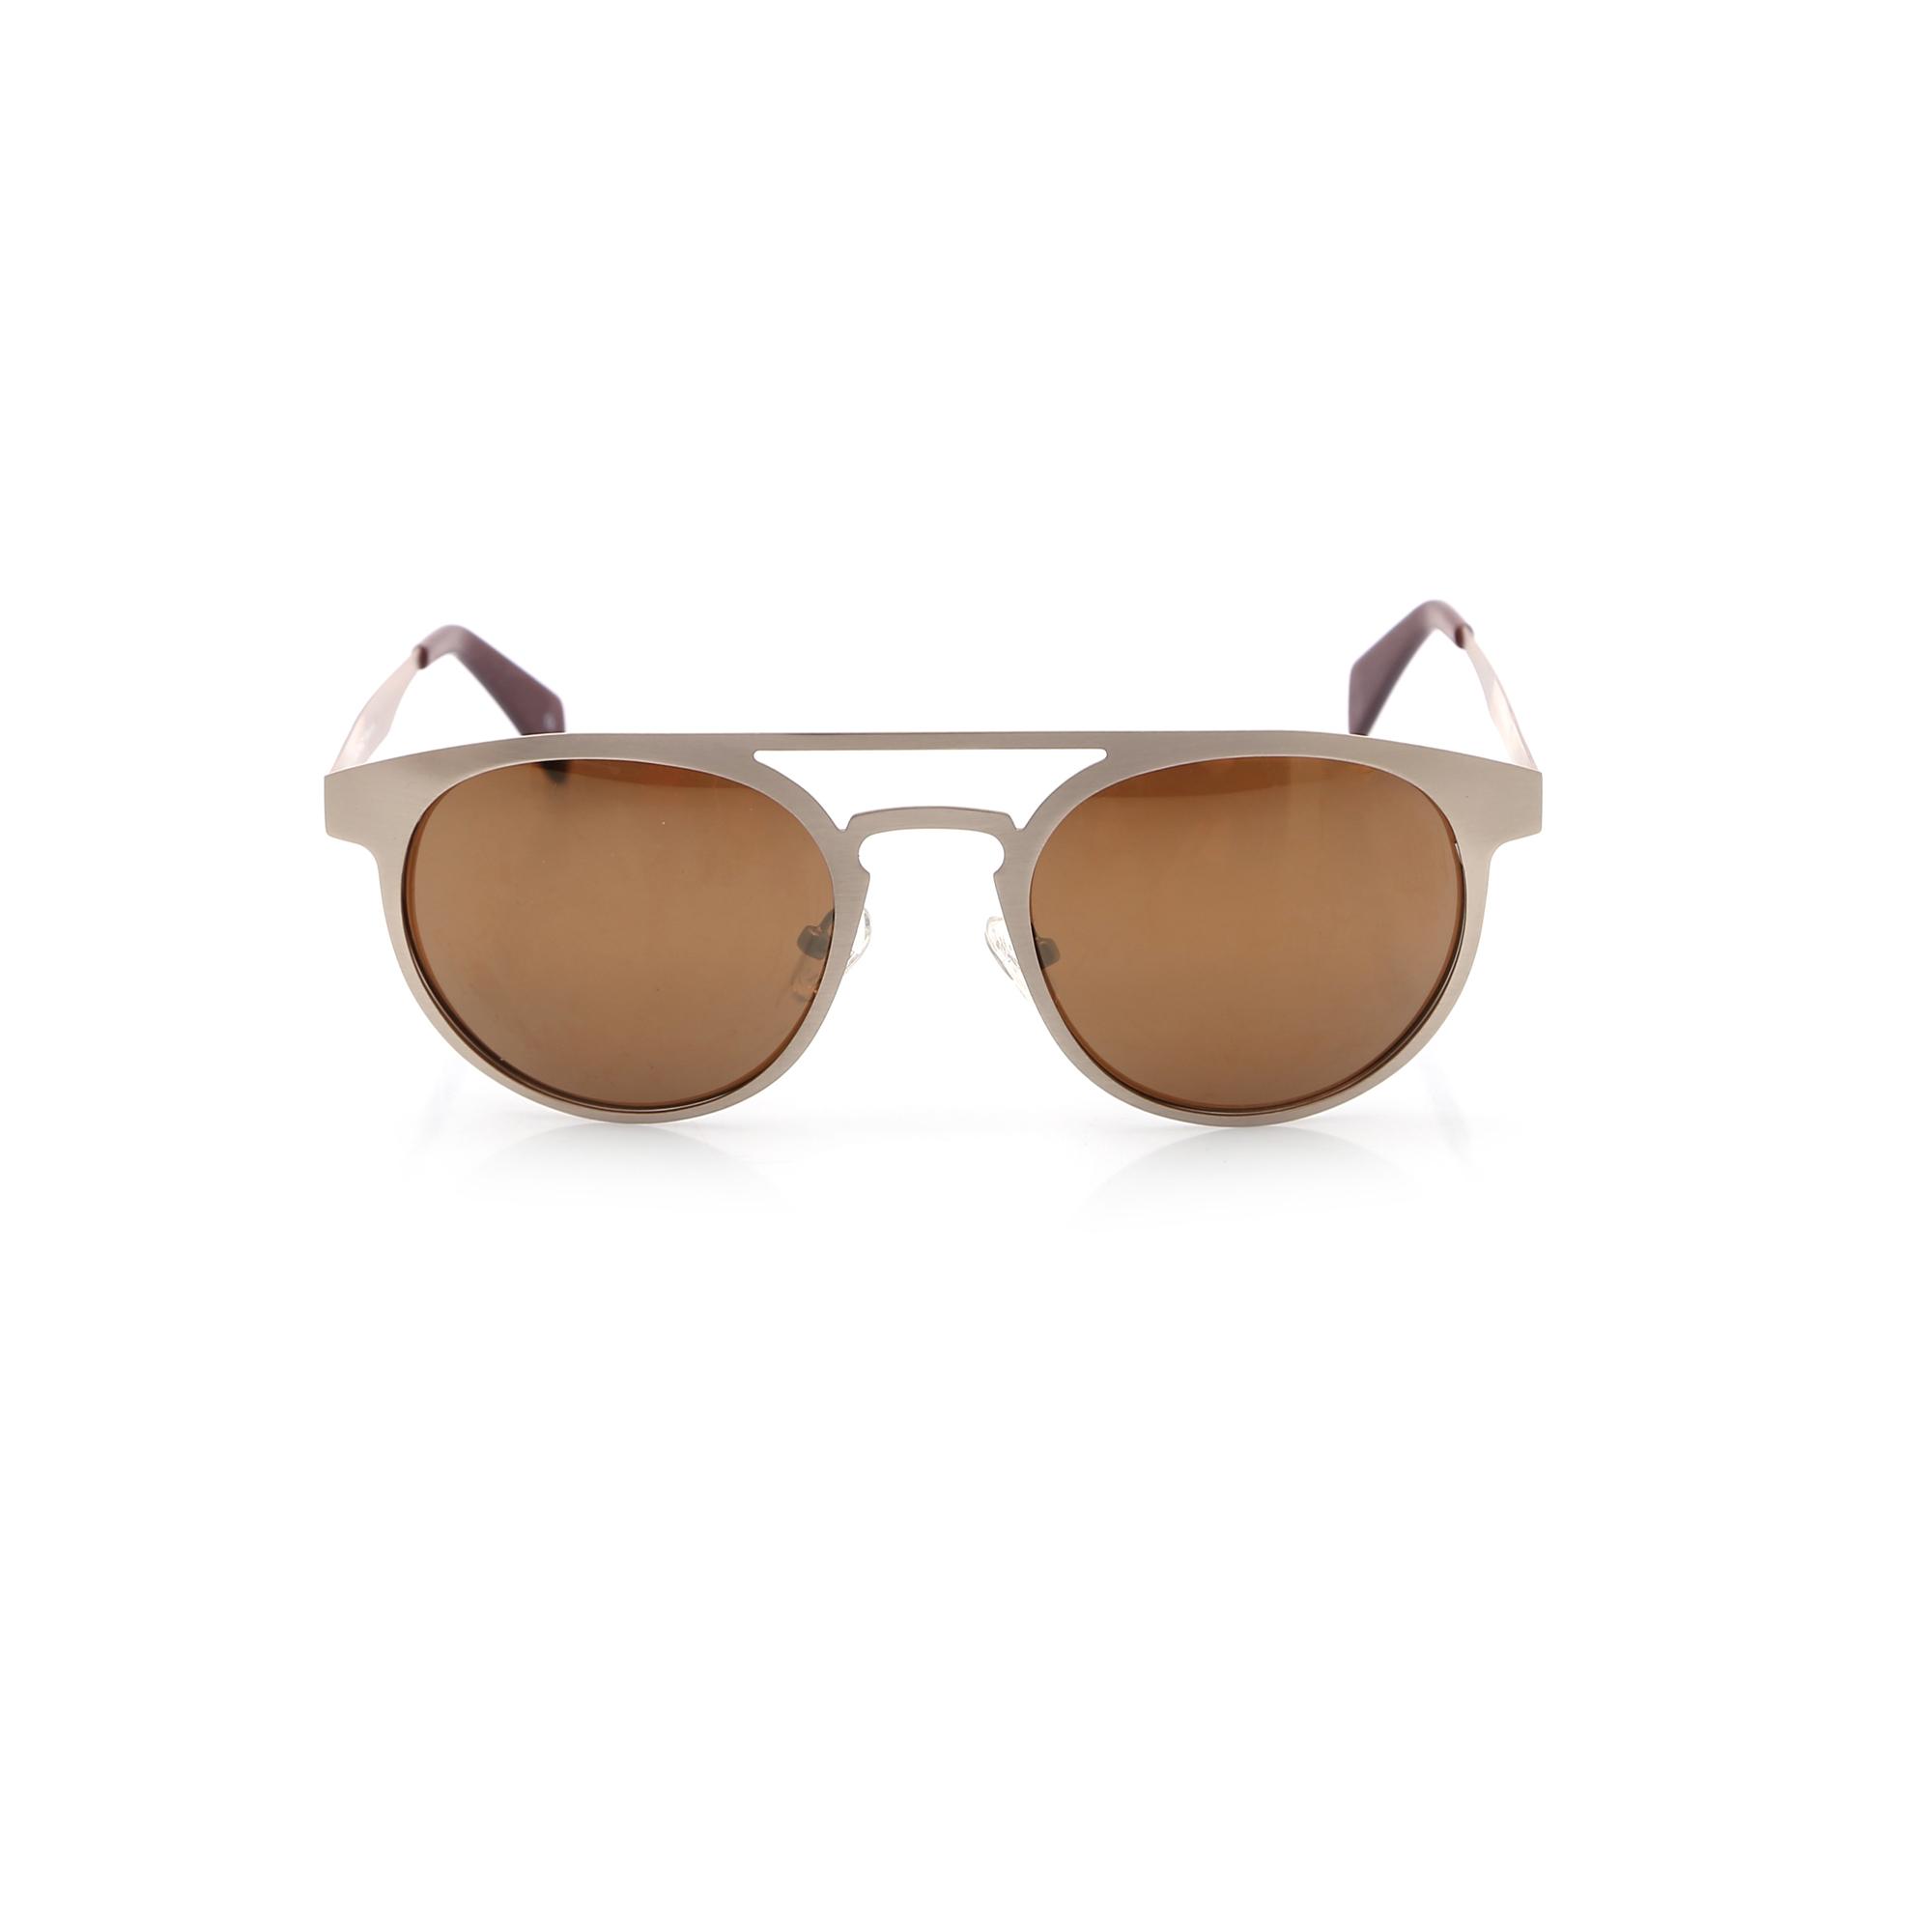 Men's Brown Frame Sunglasses